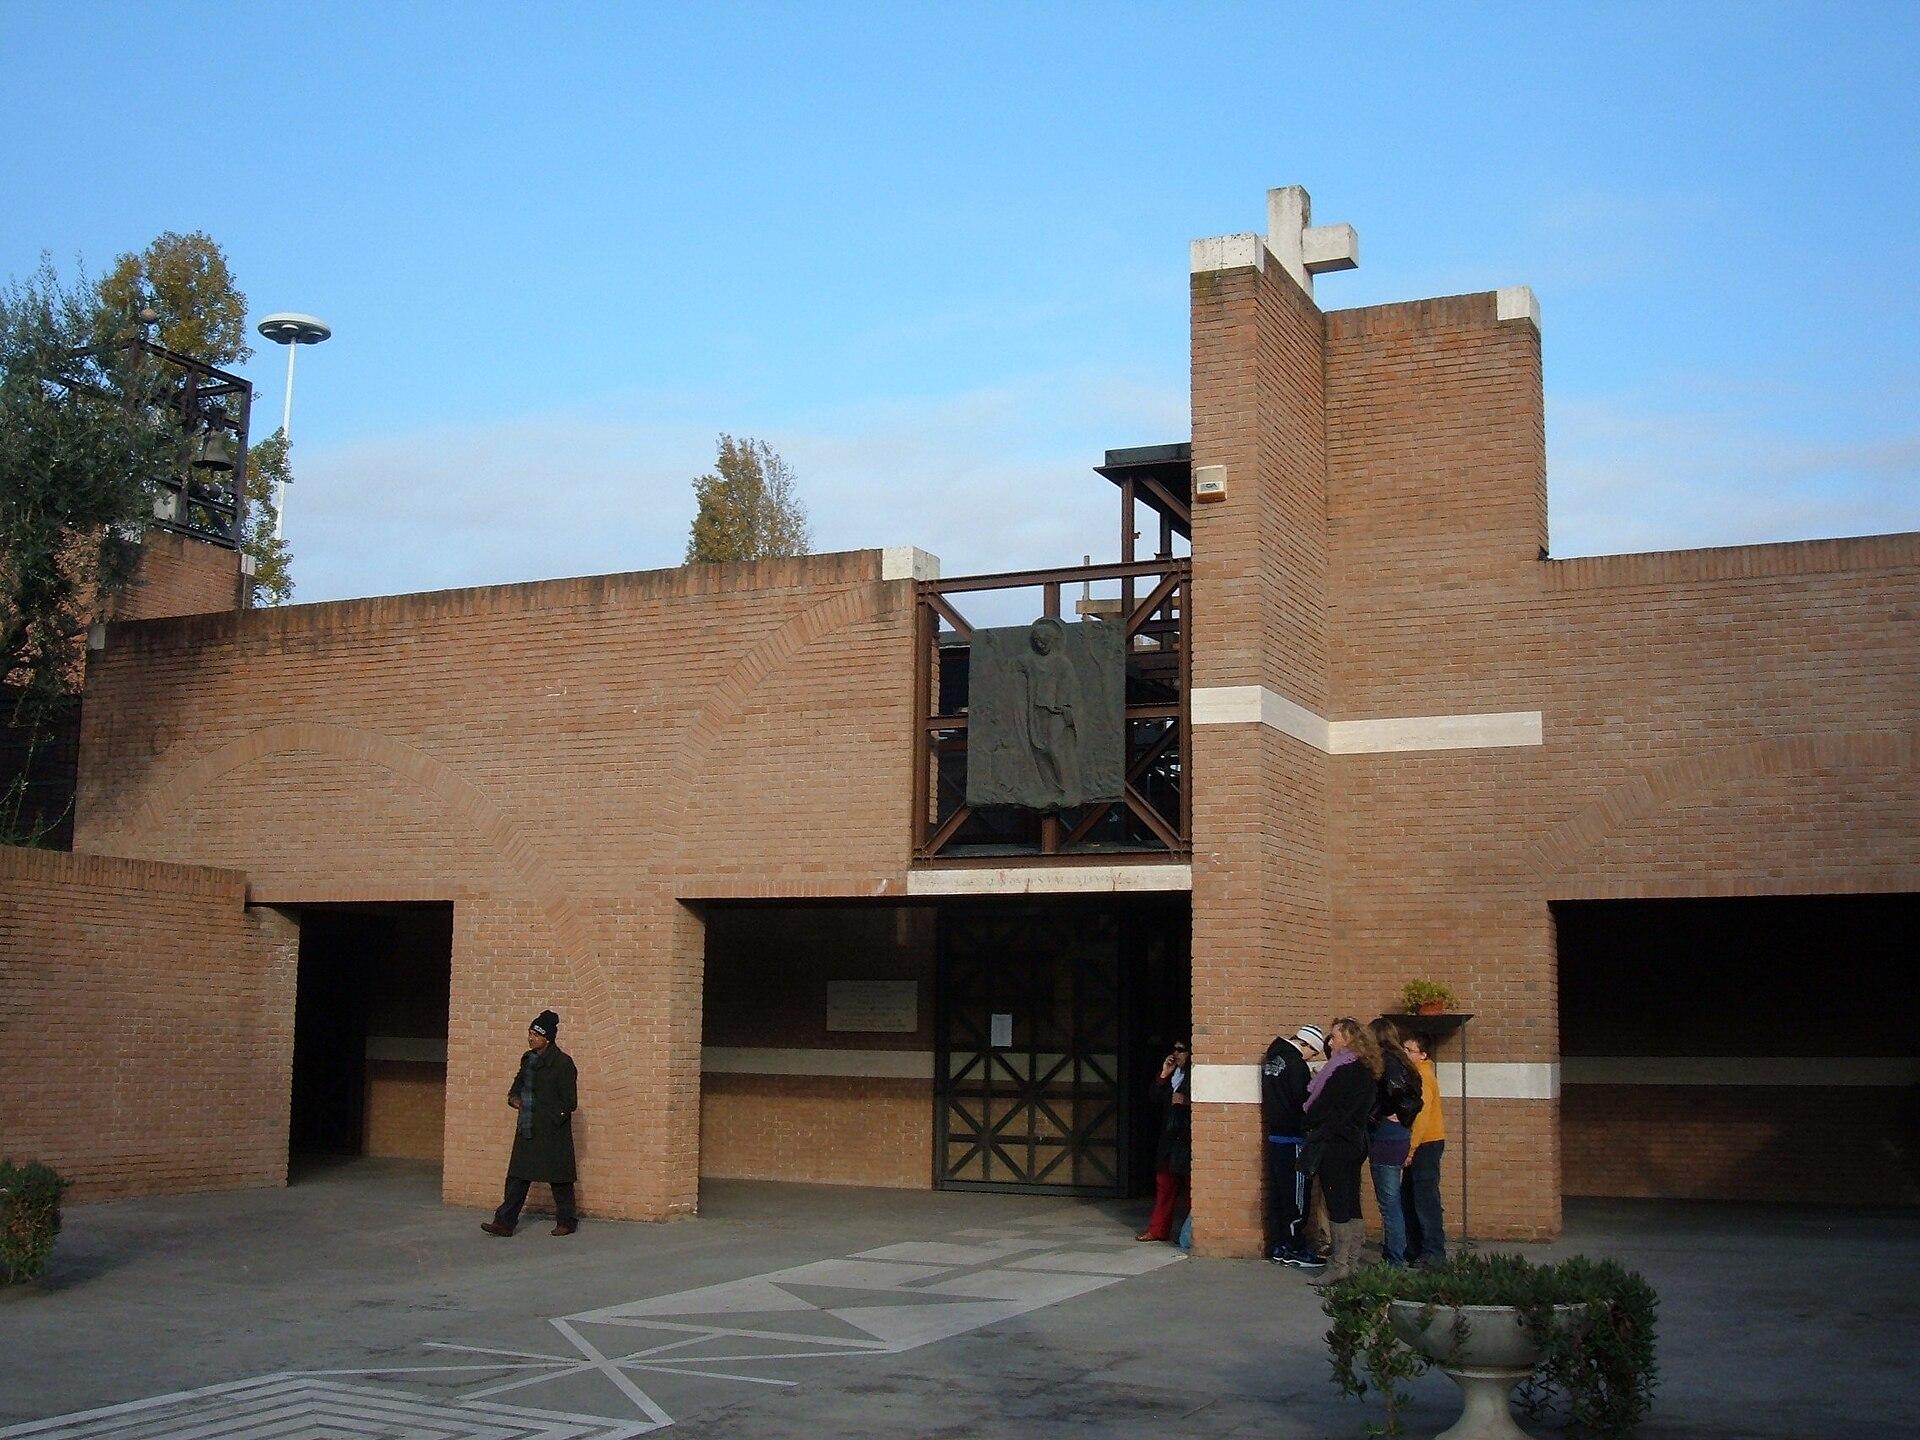 Chiesa di san valentino roma wikipedia for Villaggio olimpico